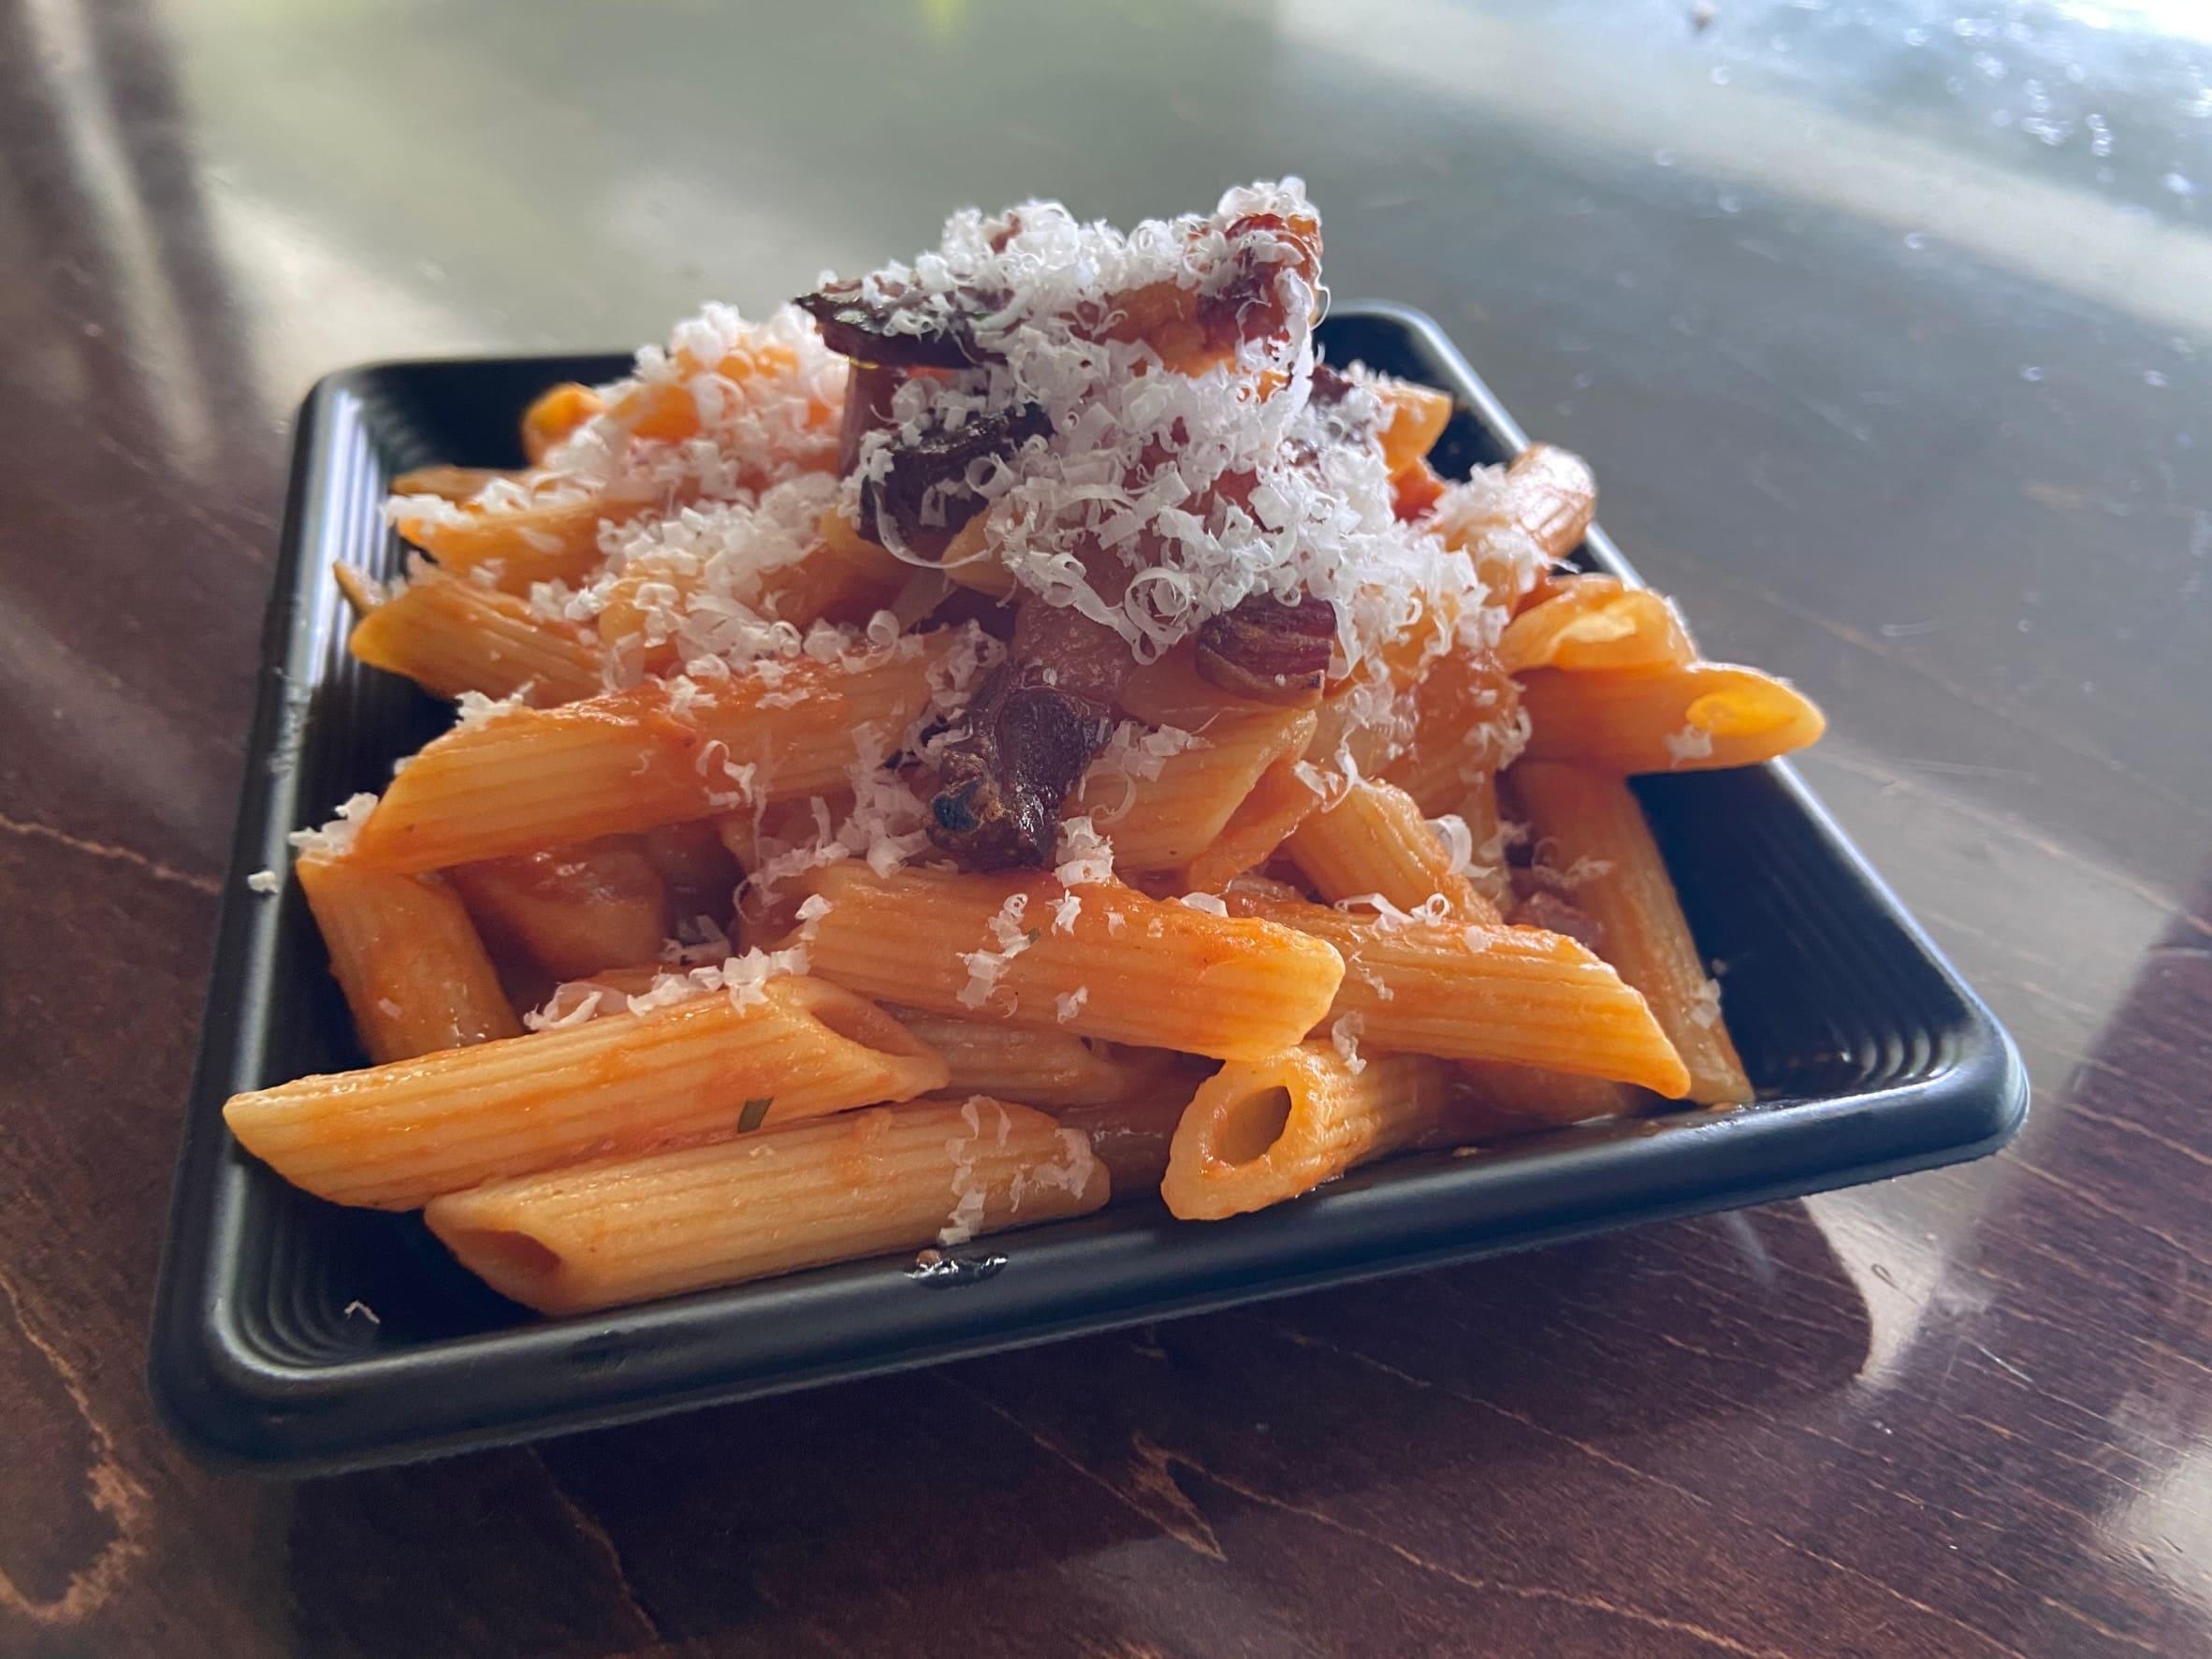 パンチェッタの旨味と淡路島産たまねぎの甘味、トマトソースの酸味を含んだバランスの良いソースをショートパスタ ペンネで絡めました。